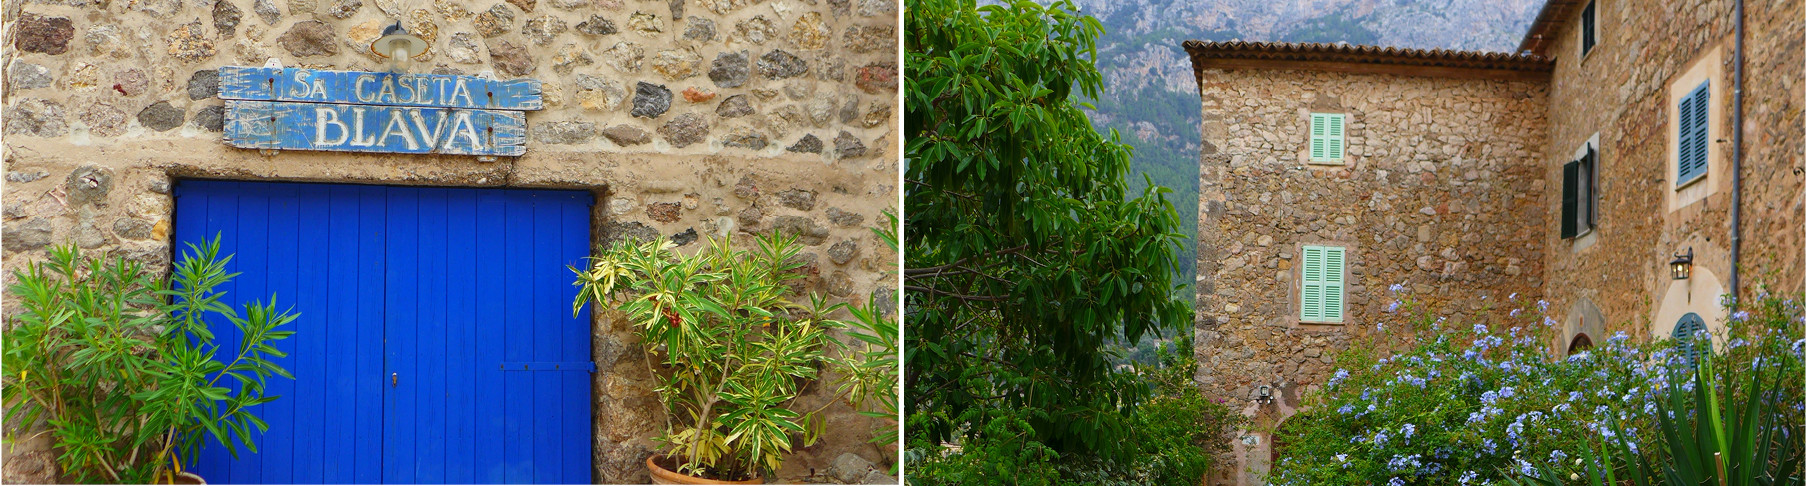 Image-Mallorca-Architecture